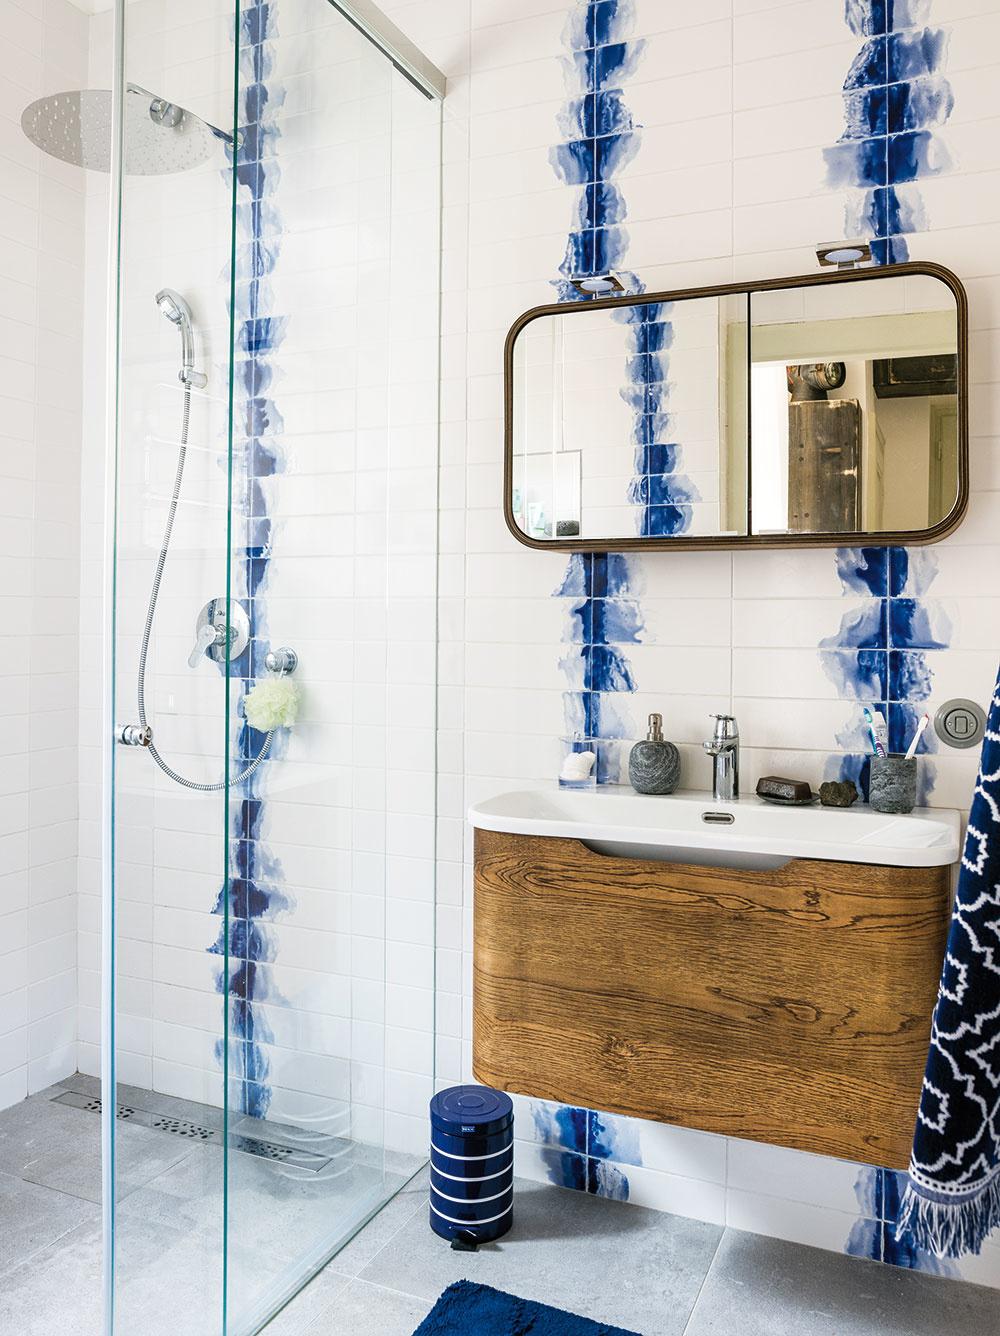 Nová kúpeľňa vznikla zbývalej komory. Zmena polohy kúpeľne aposunutie priečky vkuchyni boli pri rekonštrukcii bytu najväčšími zásahmi do dispozície.